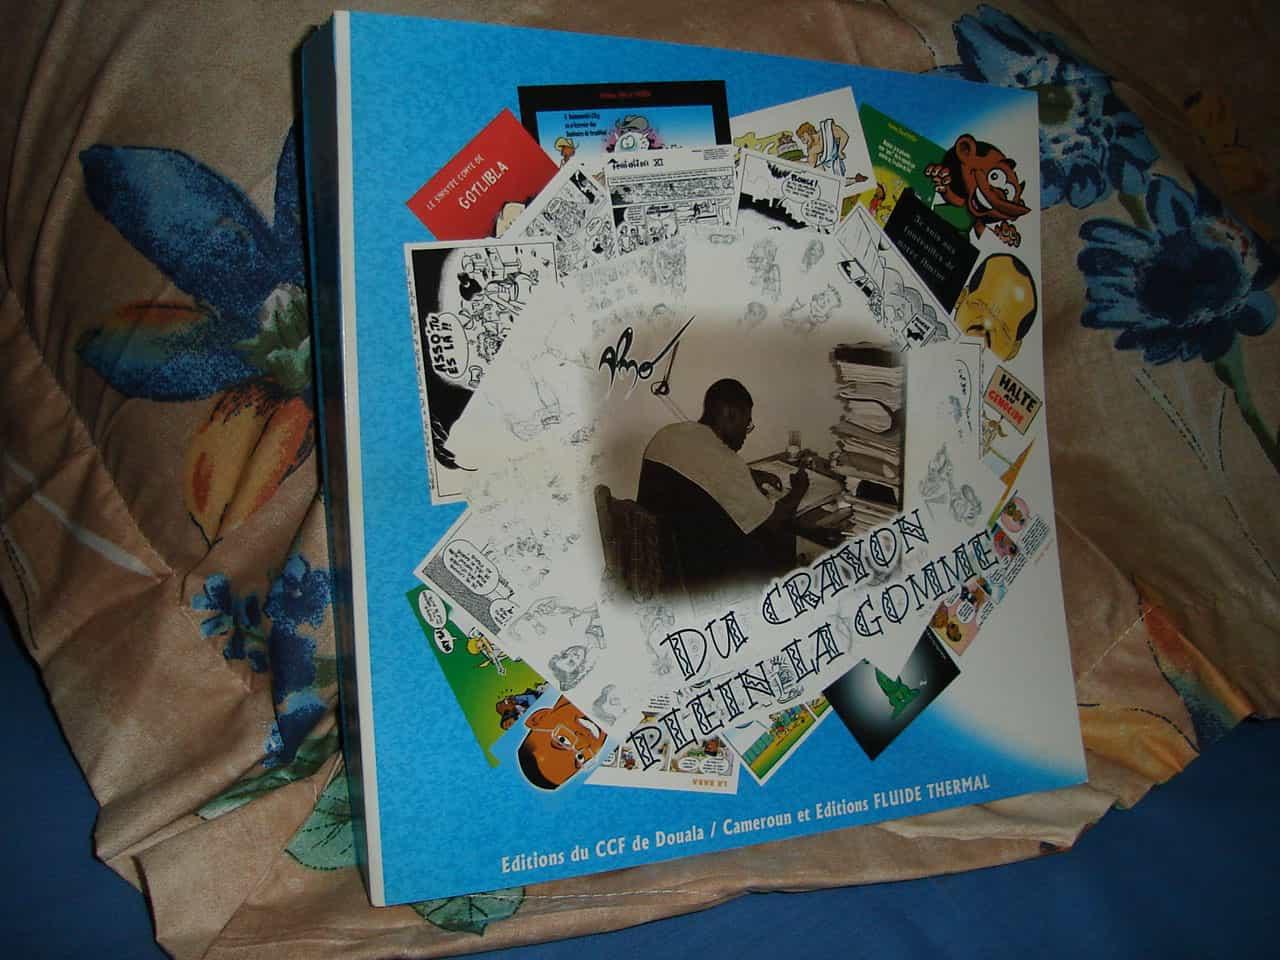 Bibliographie sélective de recueils de caricatures d'auteurs d'Afrique francophone